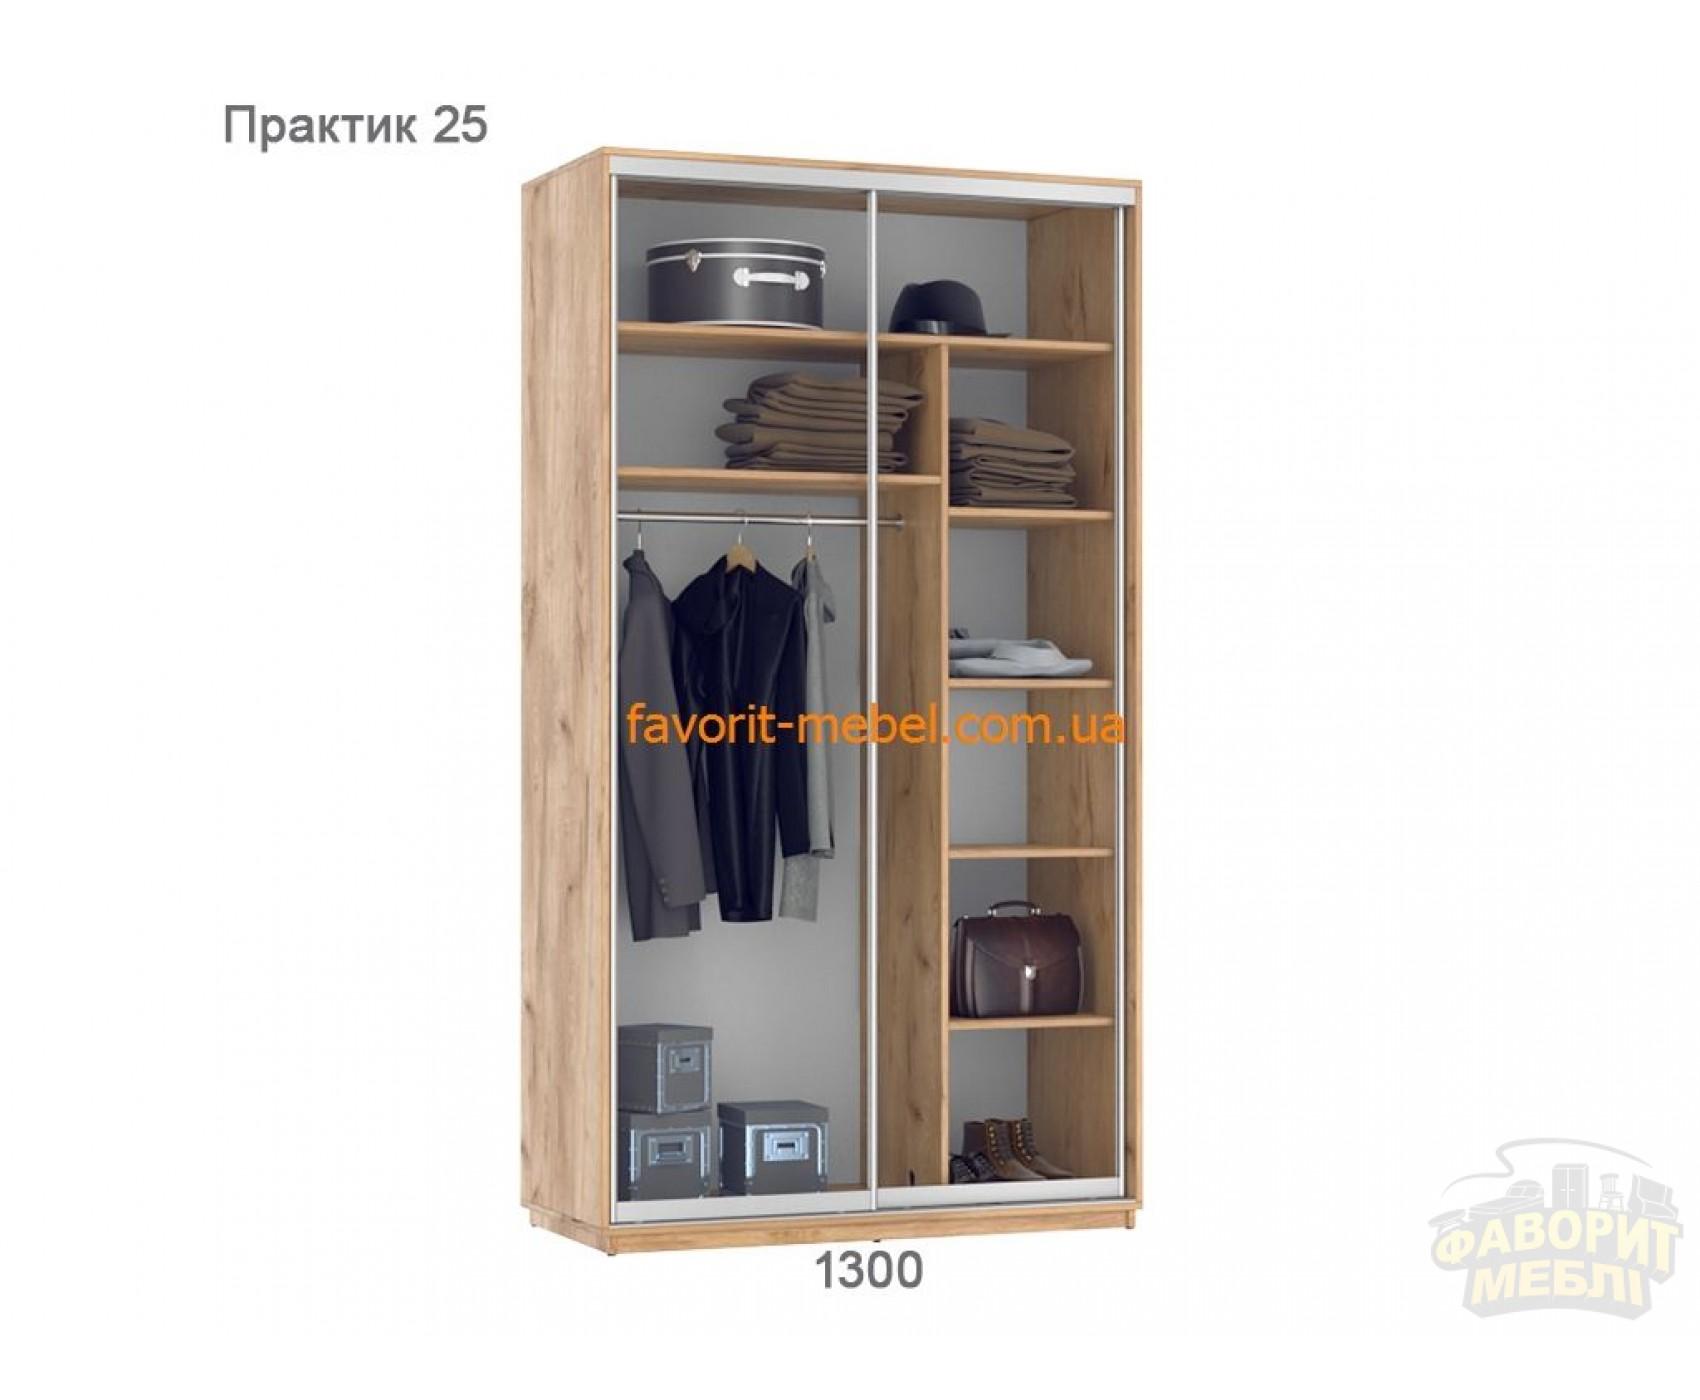 Шкаф купе Практик 25 (130х60х240 см)